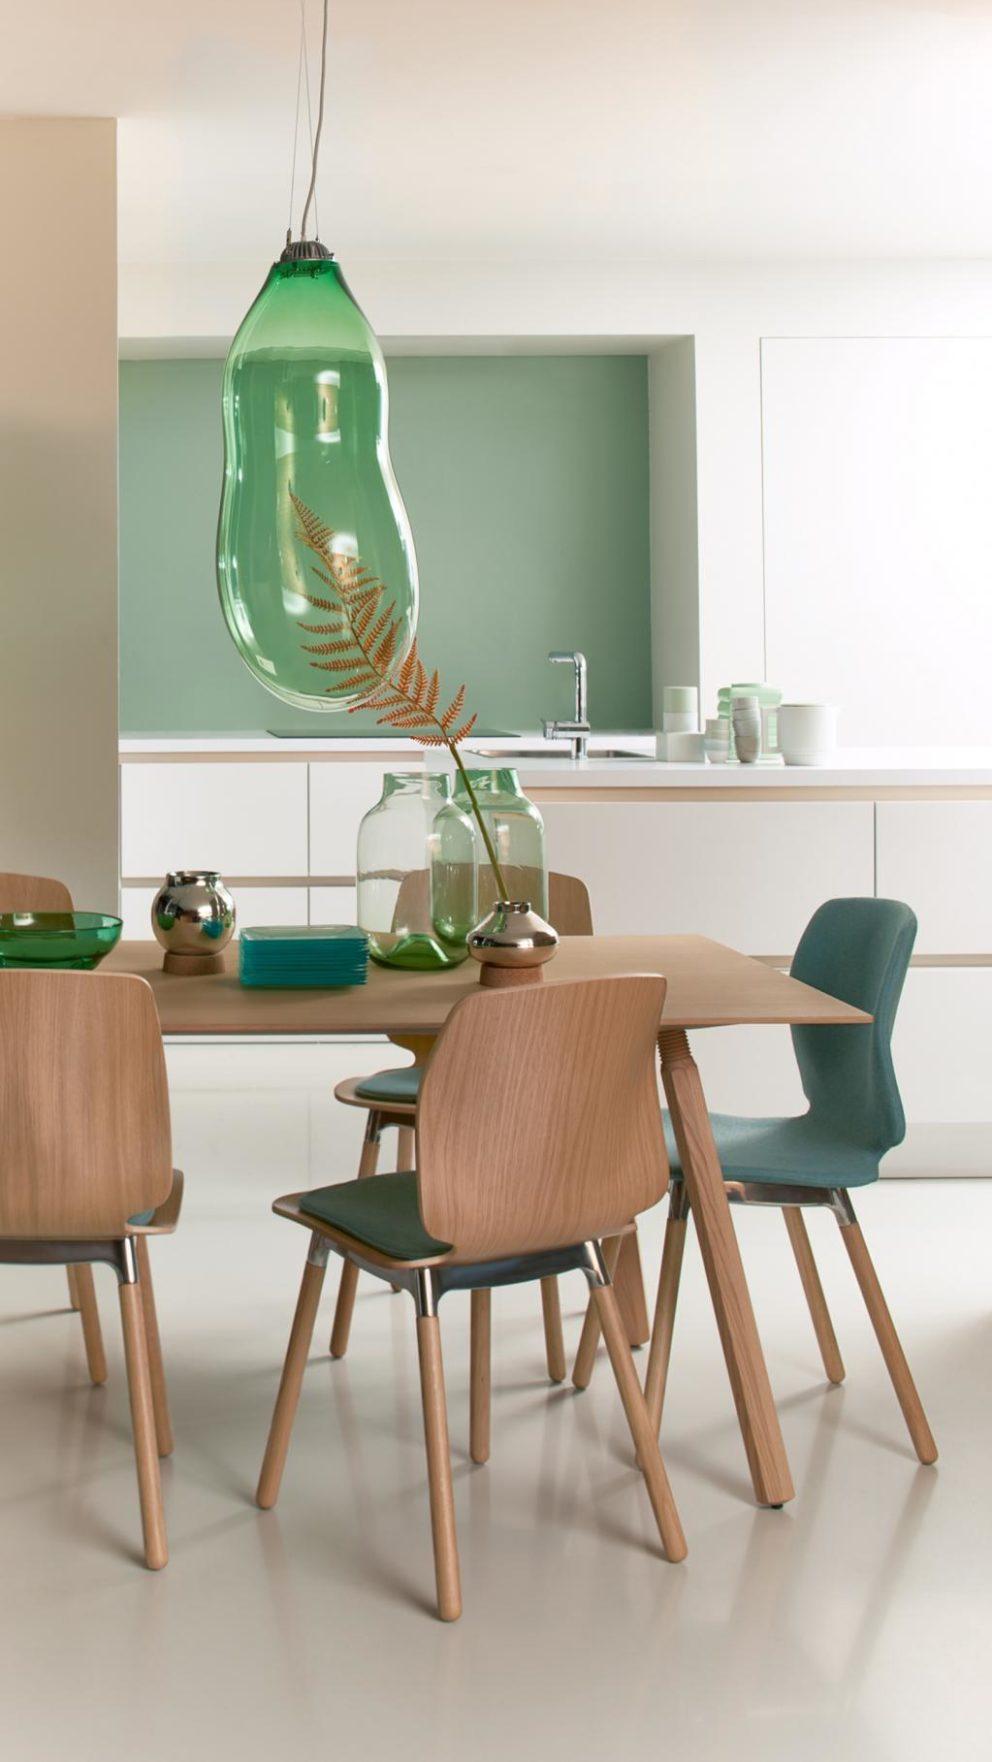 Eyye collectie stoelen chair eetkamer curve 01